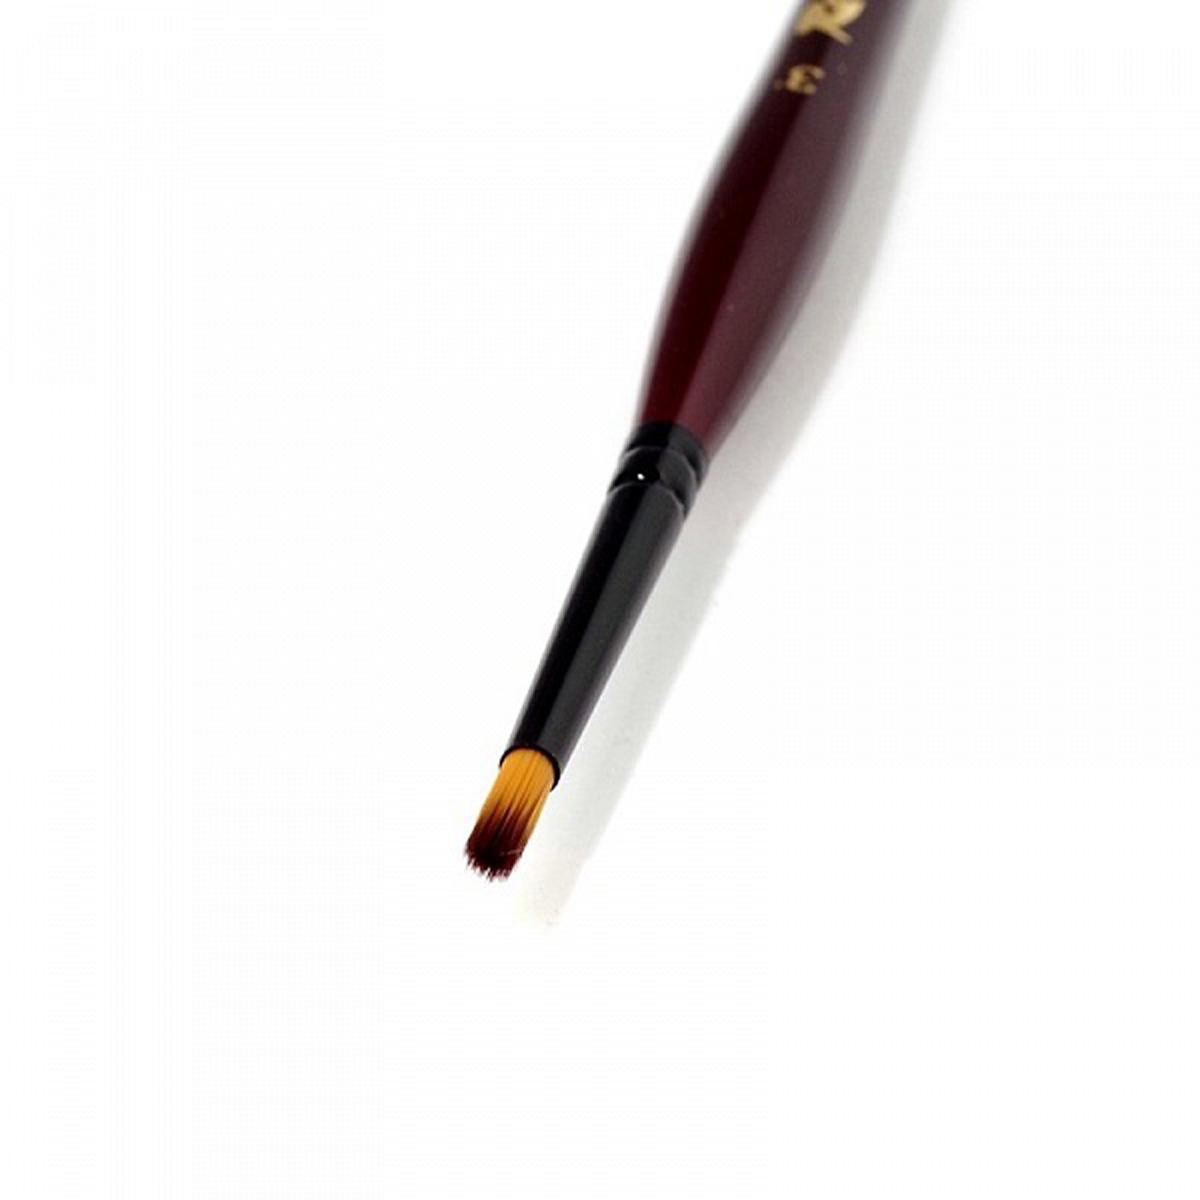 Roubloff Кисть 04RB синтетика круглая № 7Ж04-07,0RBКисть Трафаретная - визуально похожа на традиционную трафаретную кисть, но выполнена из синтетики на короткой красной фигурной ручке.